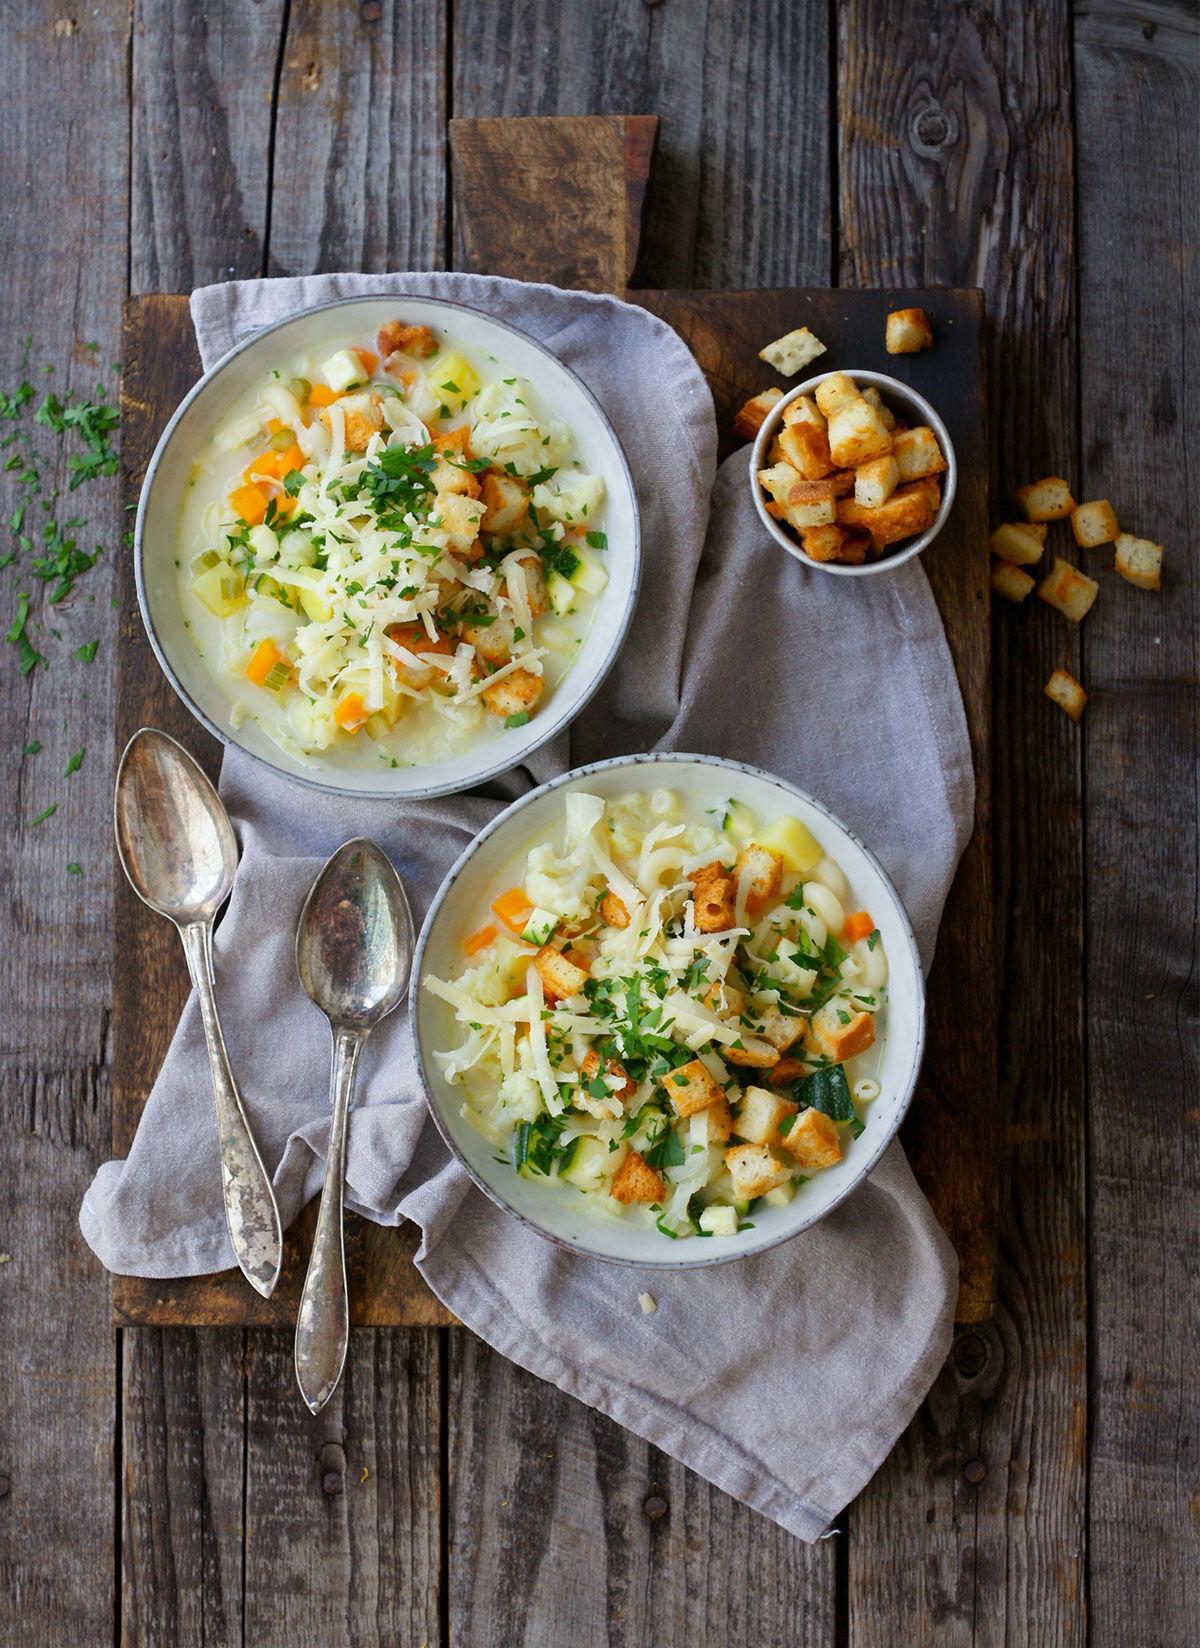 Grönsakssoppa med makaroner, örtkrutonger och Gruyére-ost i två skålar på ett träbord